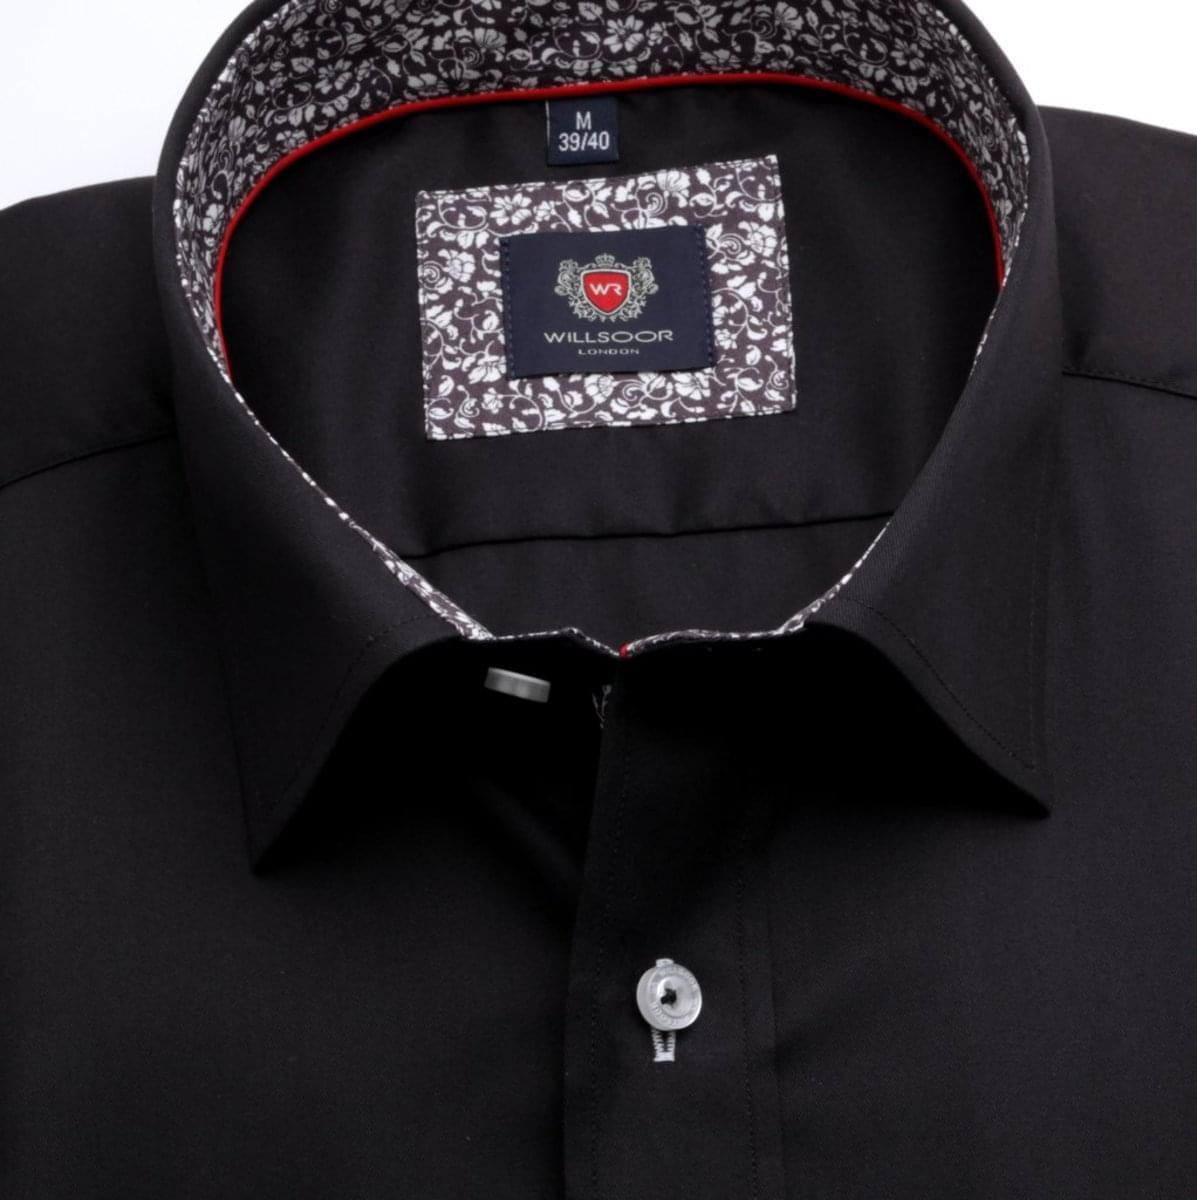 Pánska klasická košeľa London (výška 176-182) 7020 v čierne farbe s formulou 2W Plus 176-182 / L (41/42)